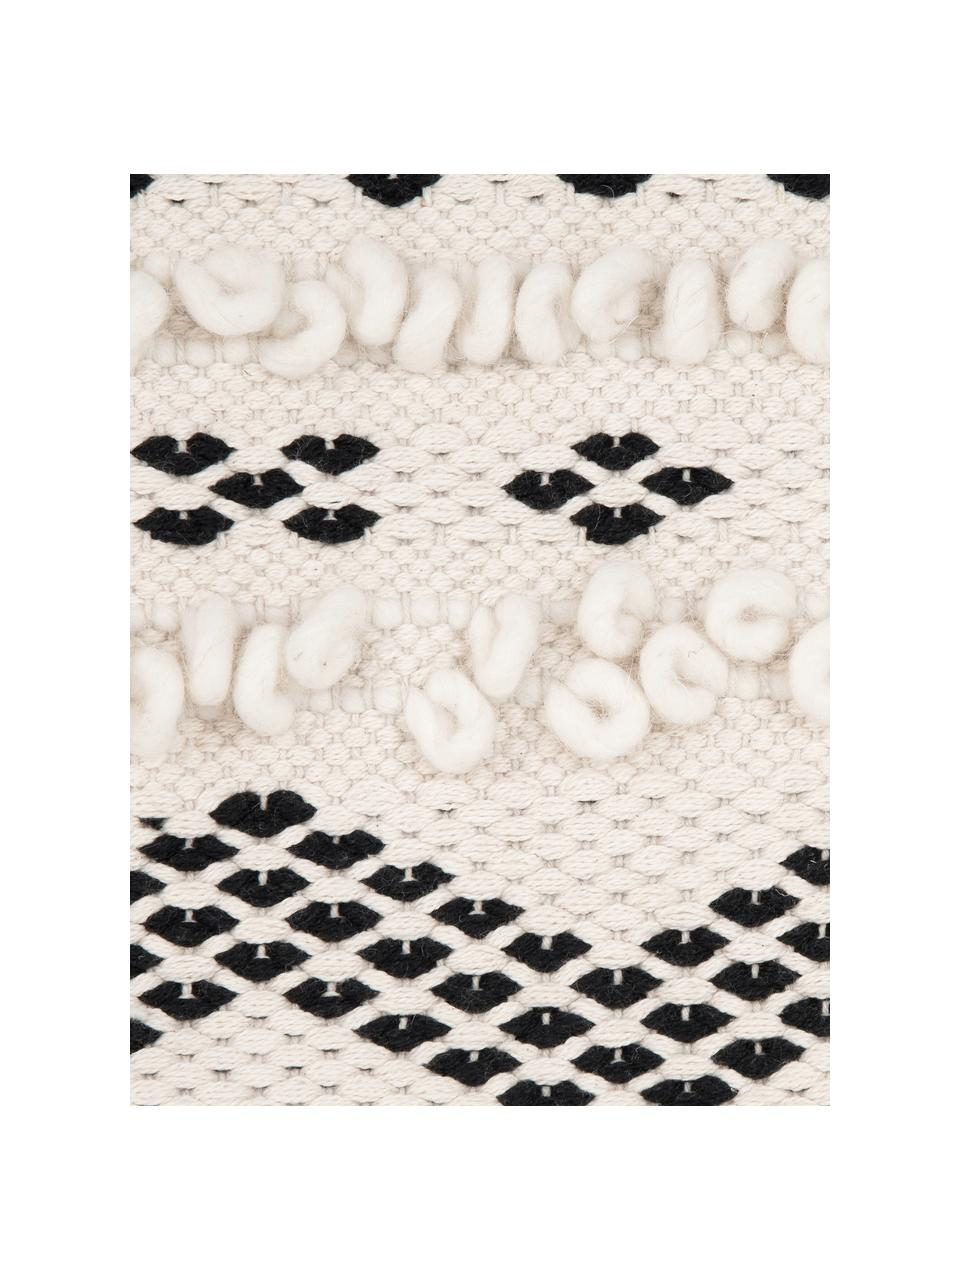 Federa arredo con ornamenti decorativi Paco, 80% cotone, 20% poliestere, Beige, nero, Larg. 45 x Lung. 45 cm